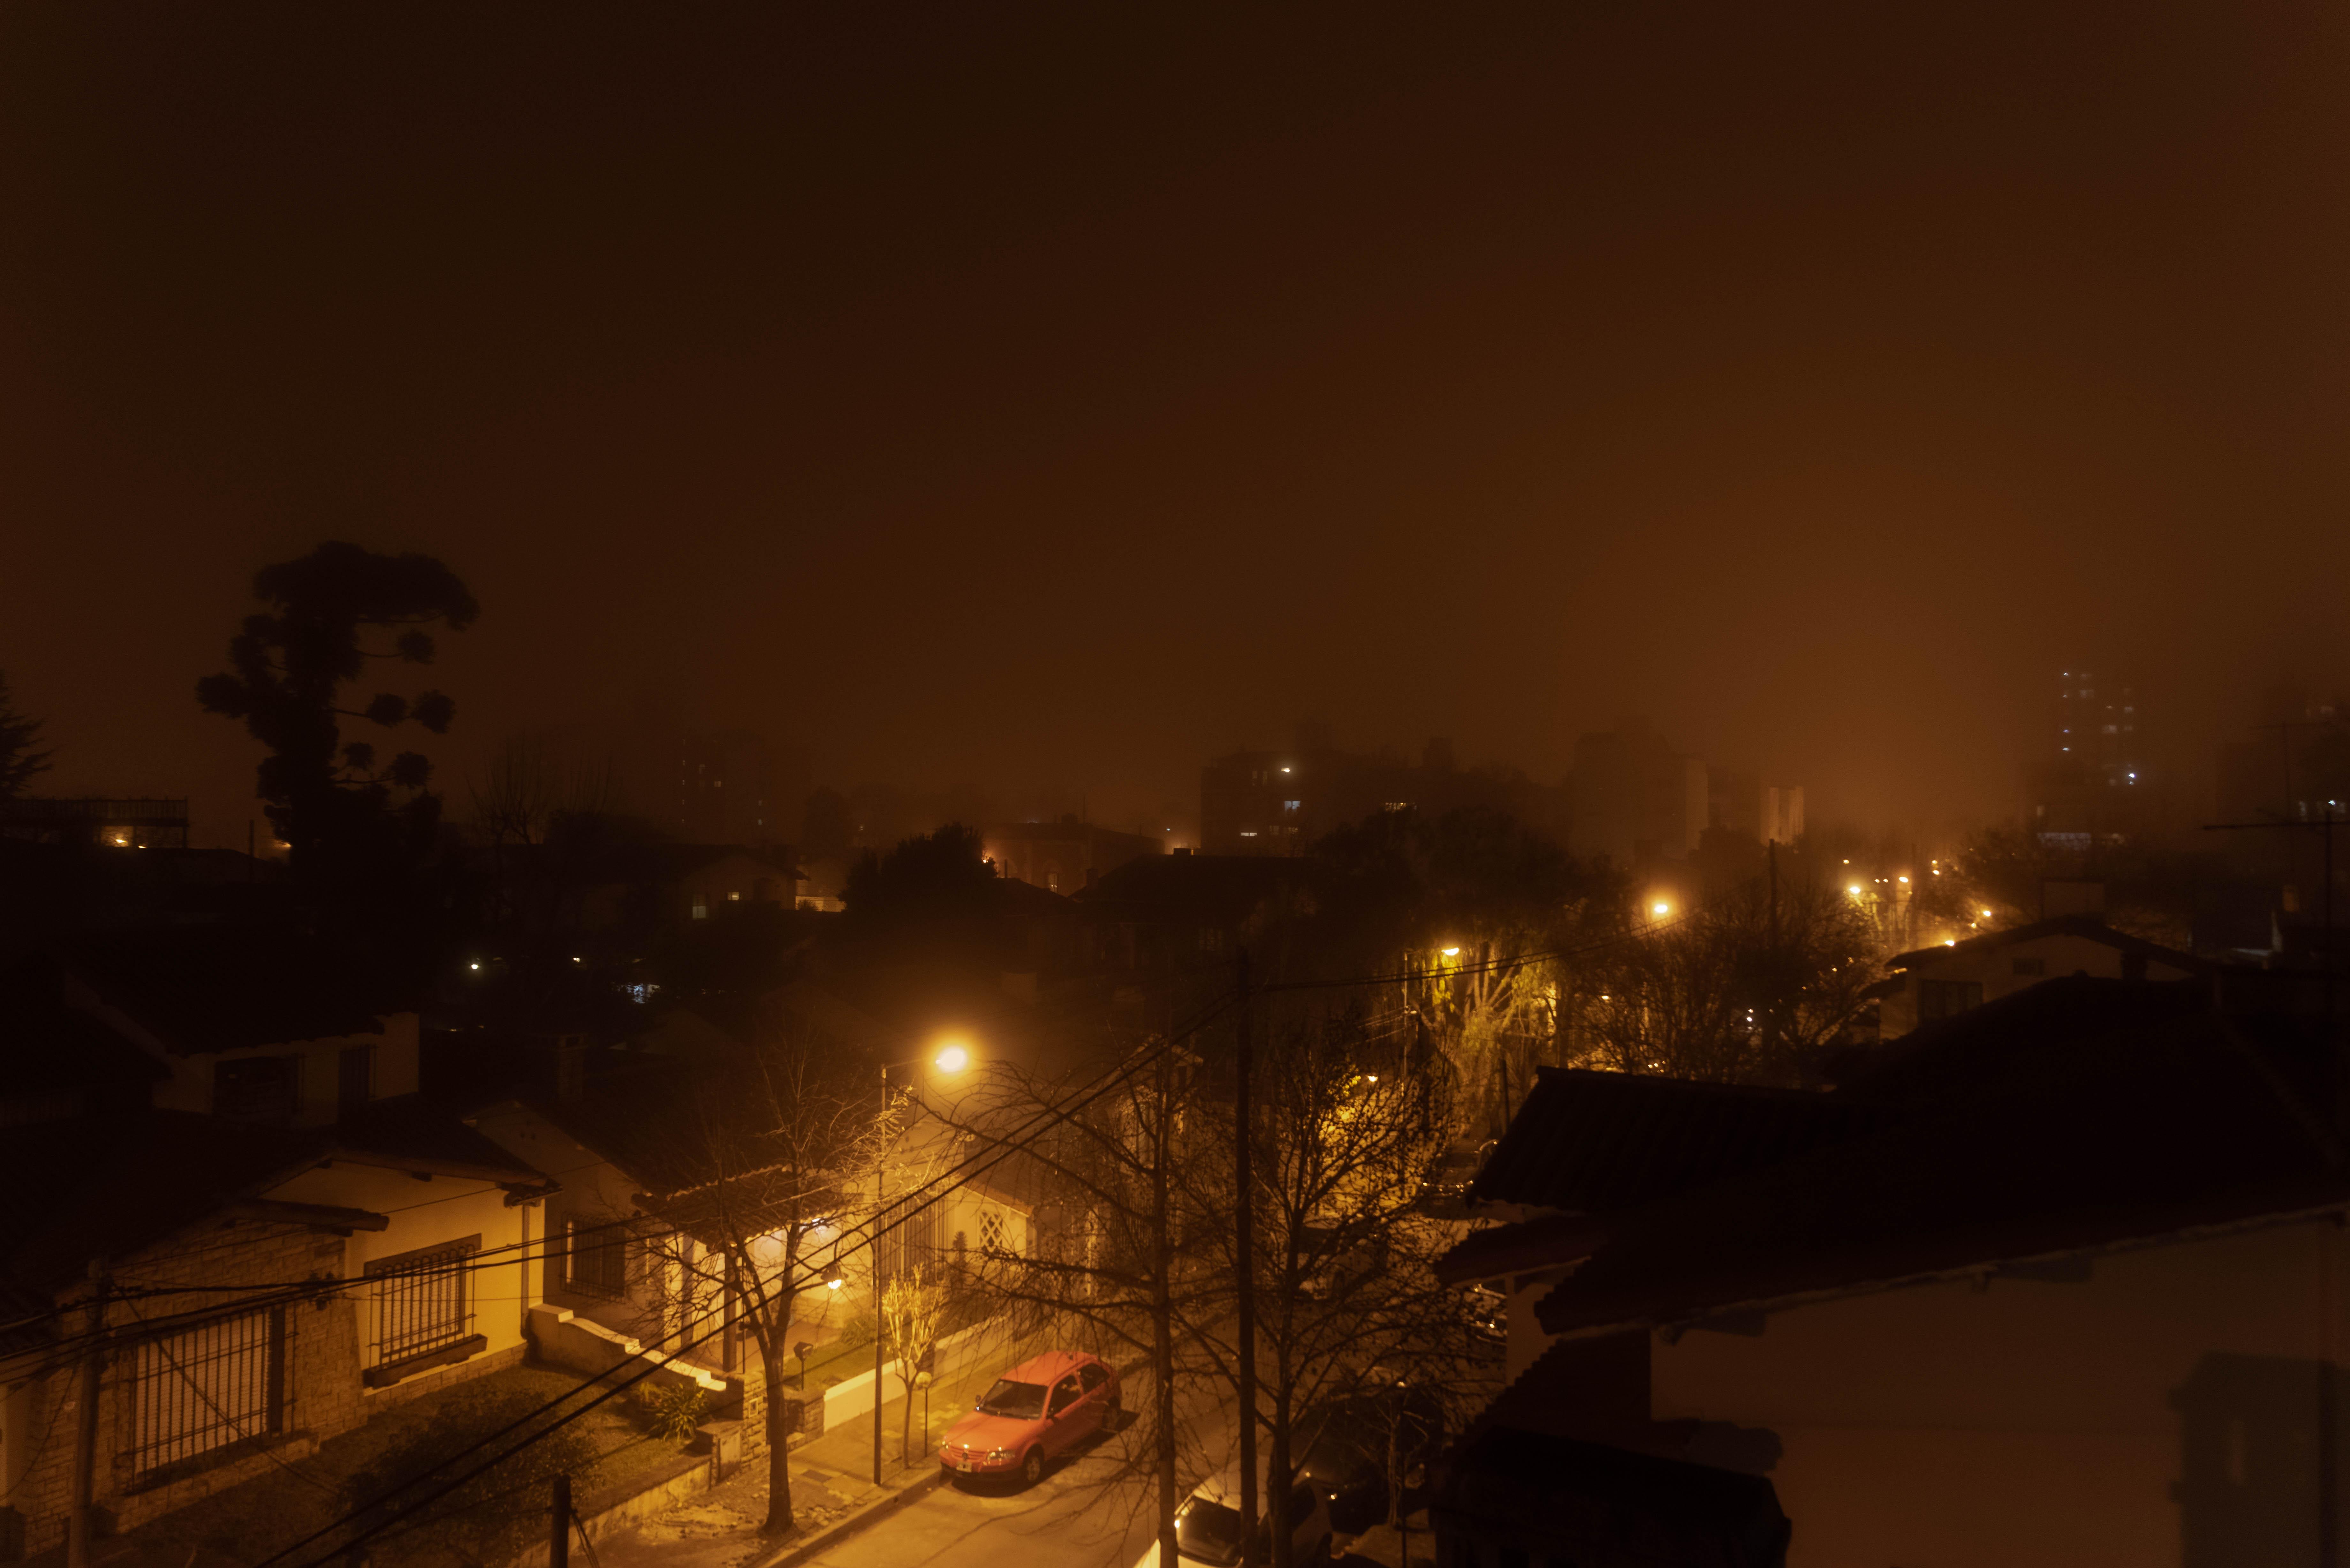 La niebla redujo drásticamente la visibilidad, en algunos distritos del conurbano llegó a ser de menos de 200 metros